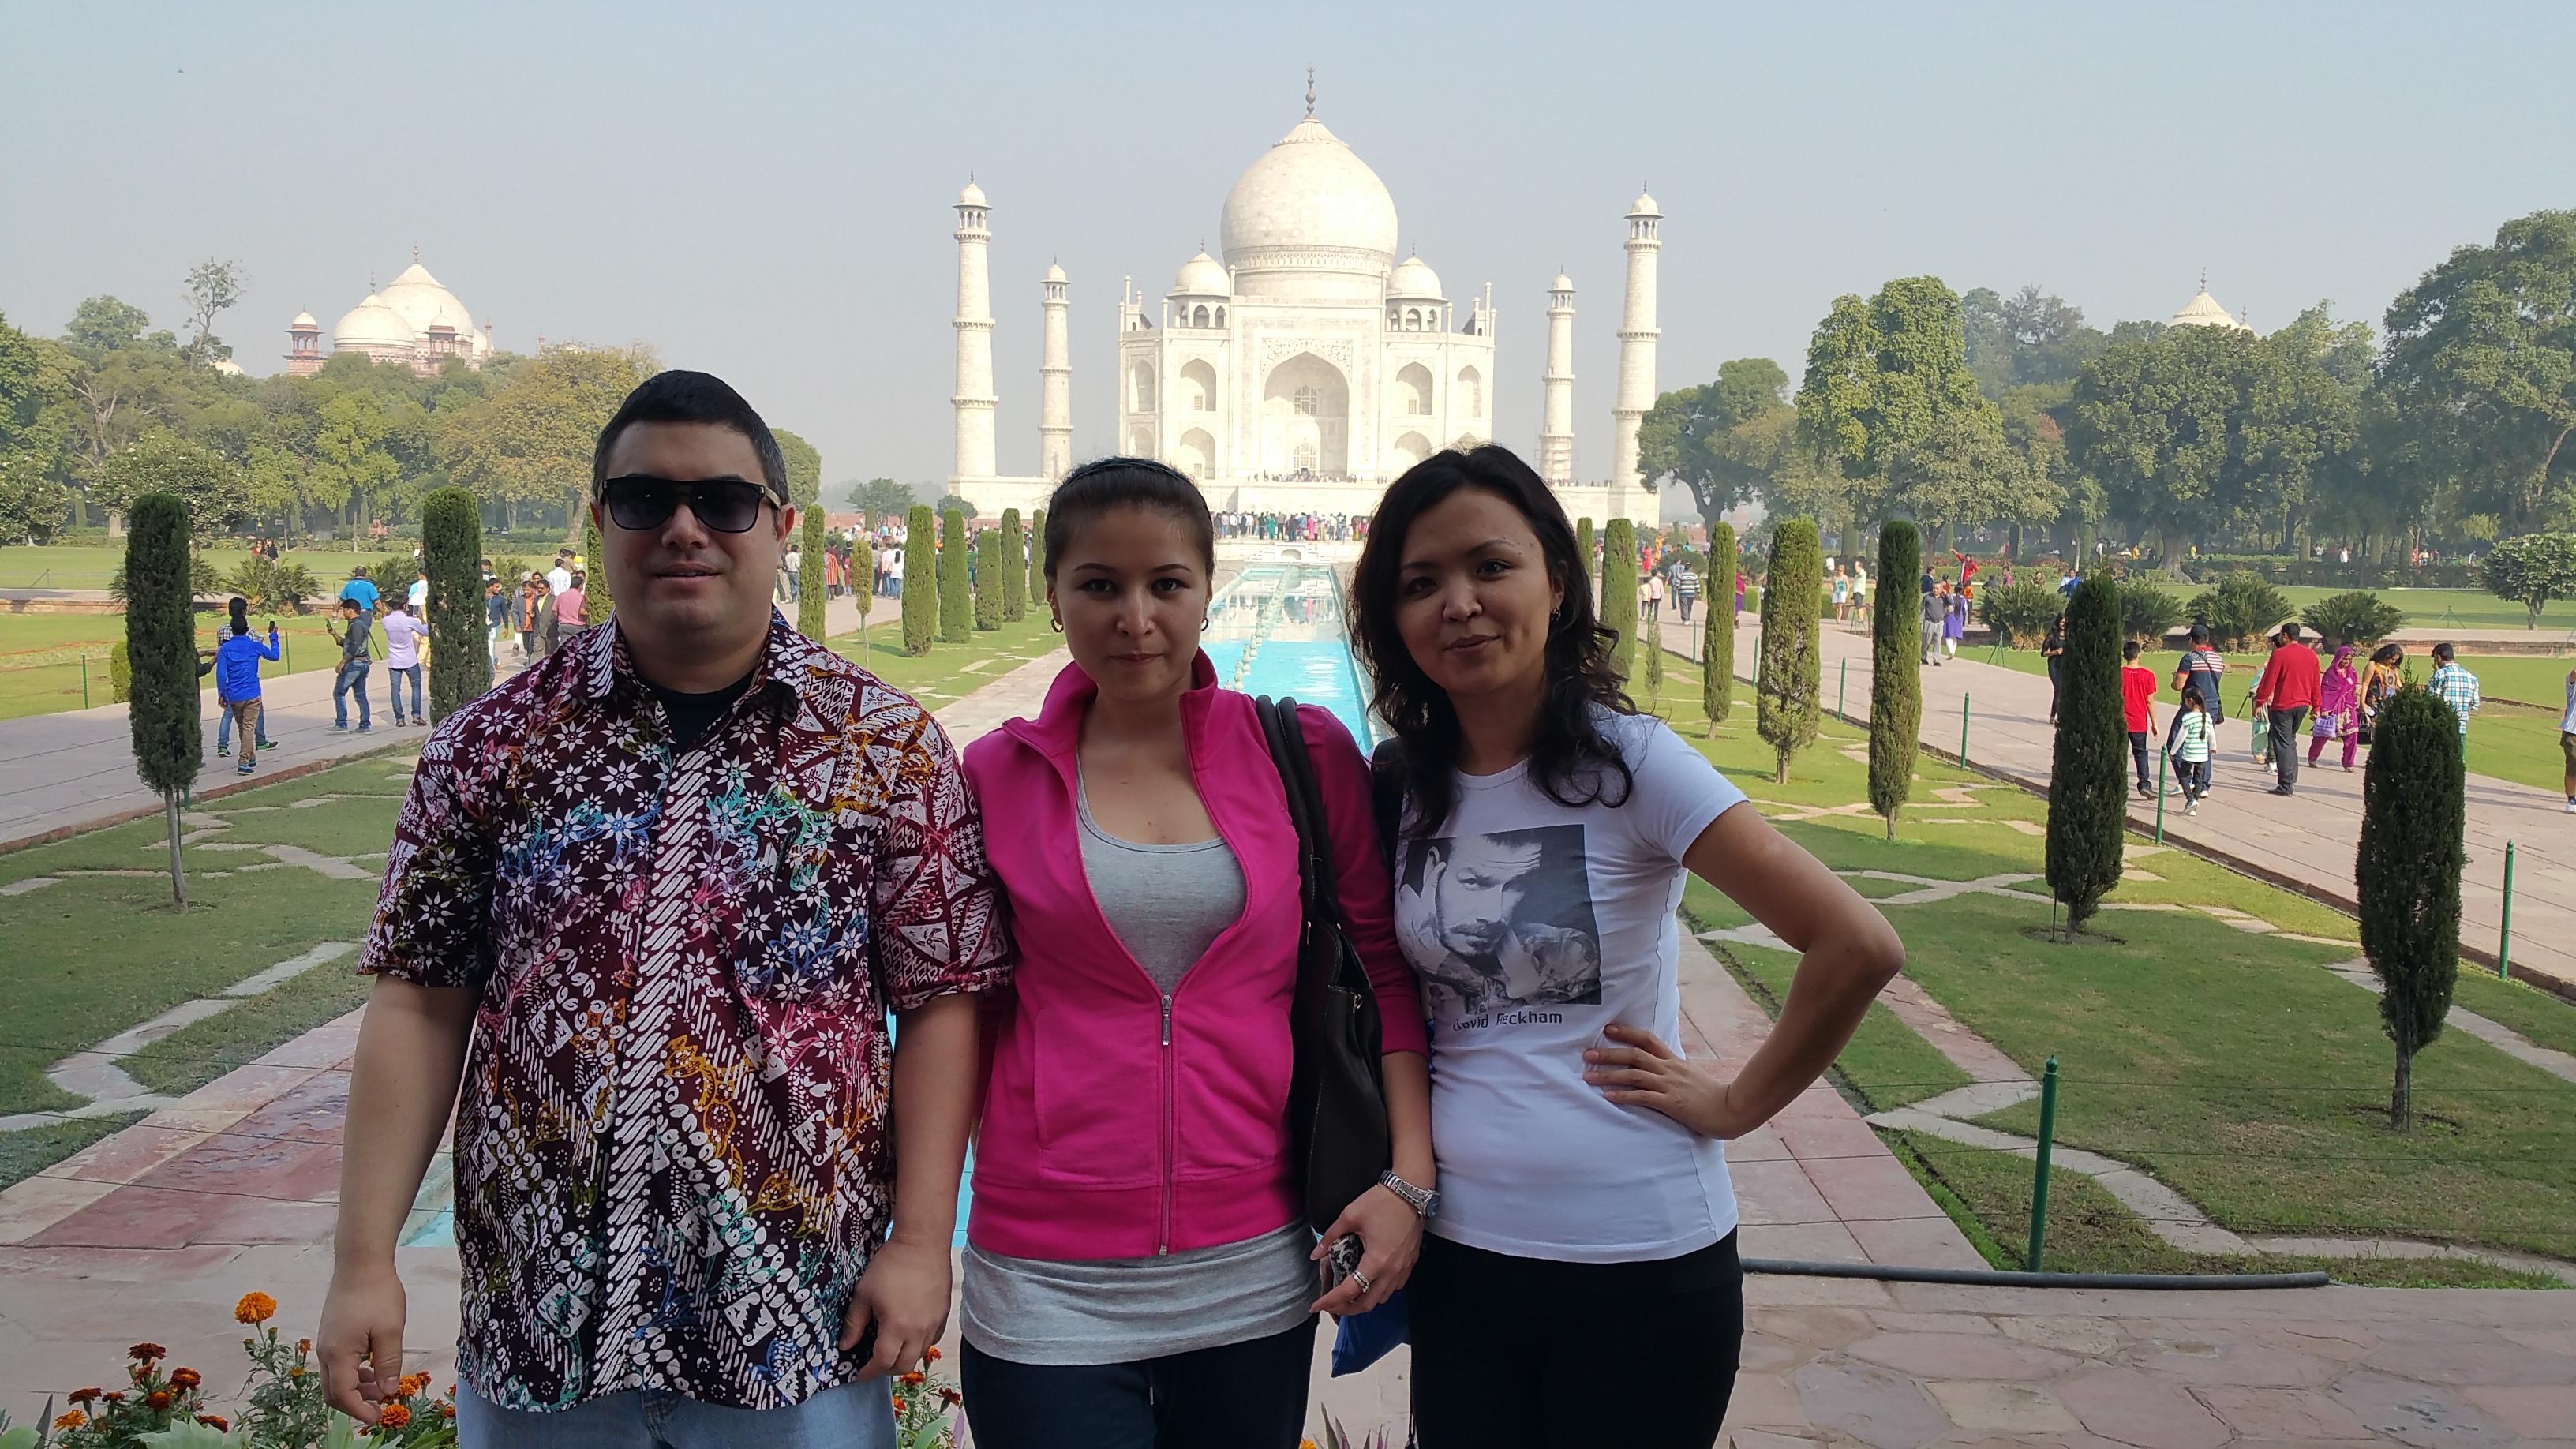 Kevin with Aida and Zarina at the Taj Mahal, Agra, India